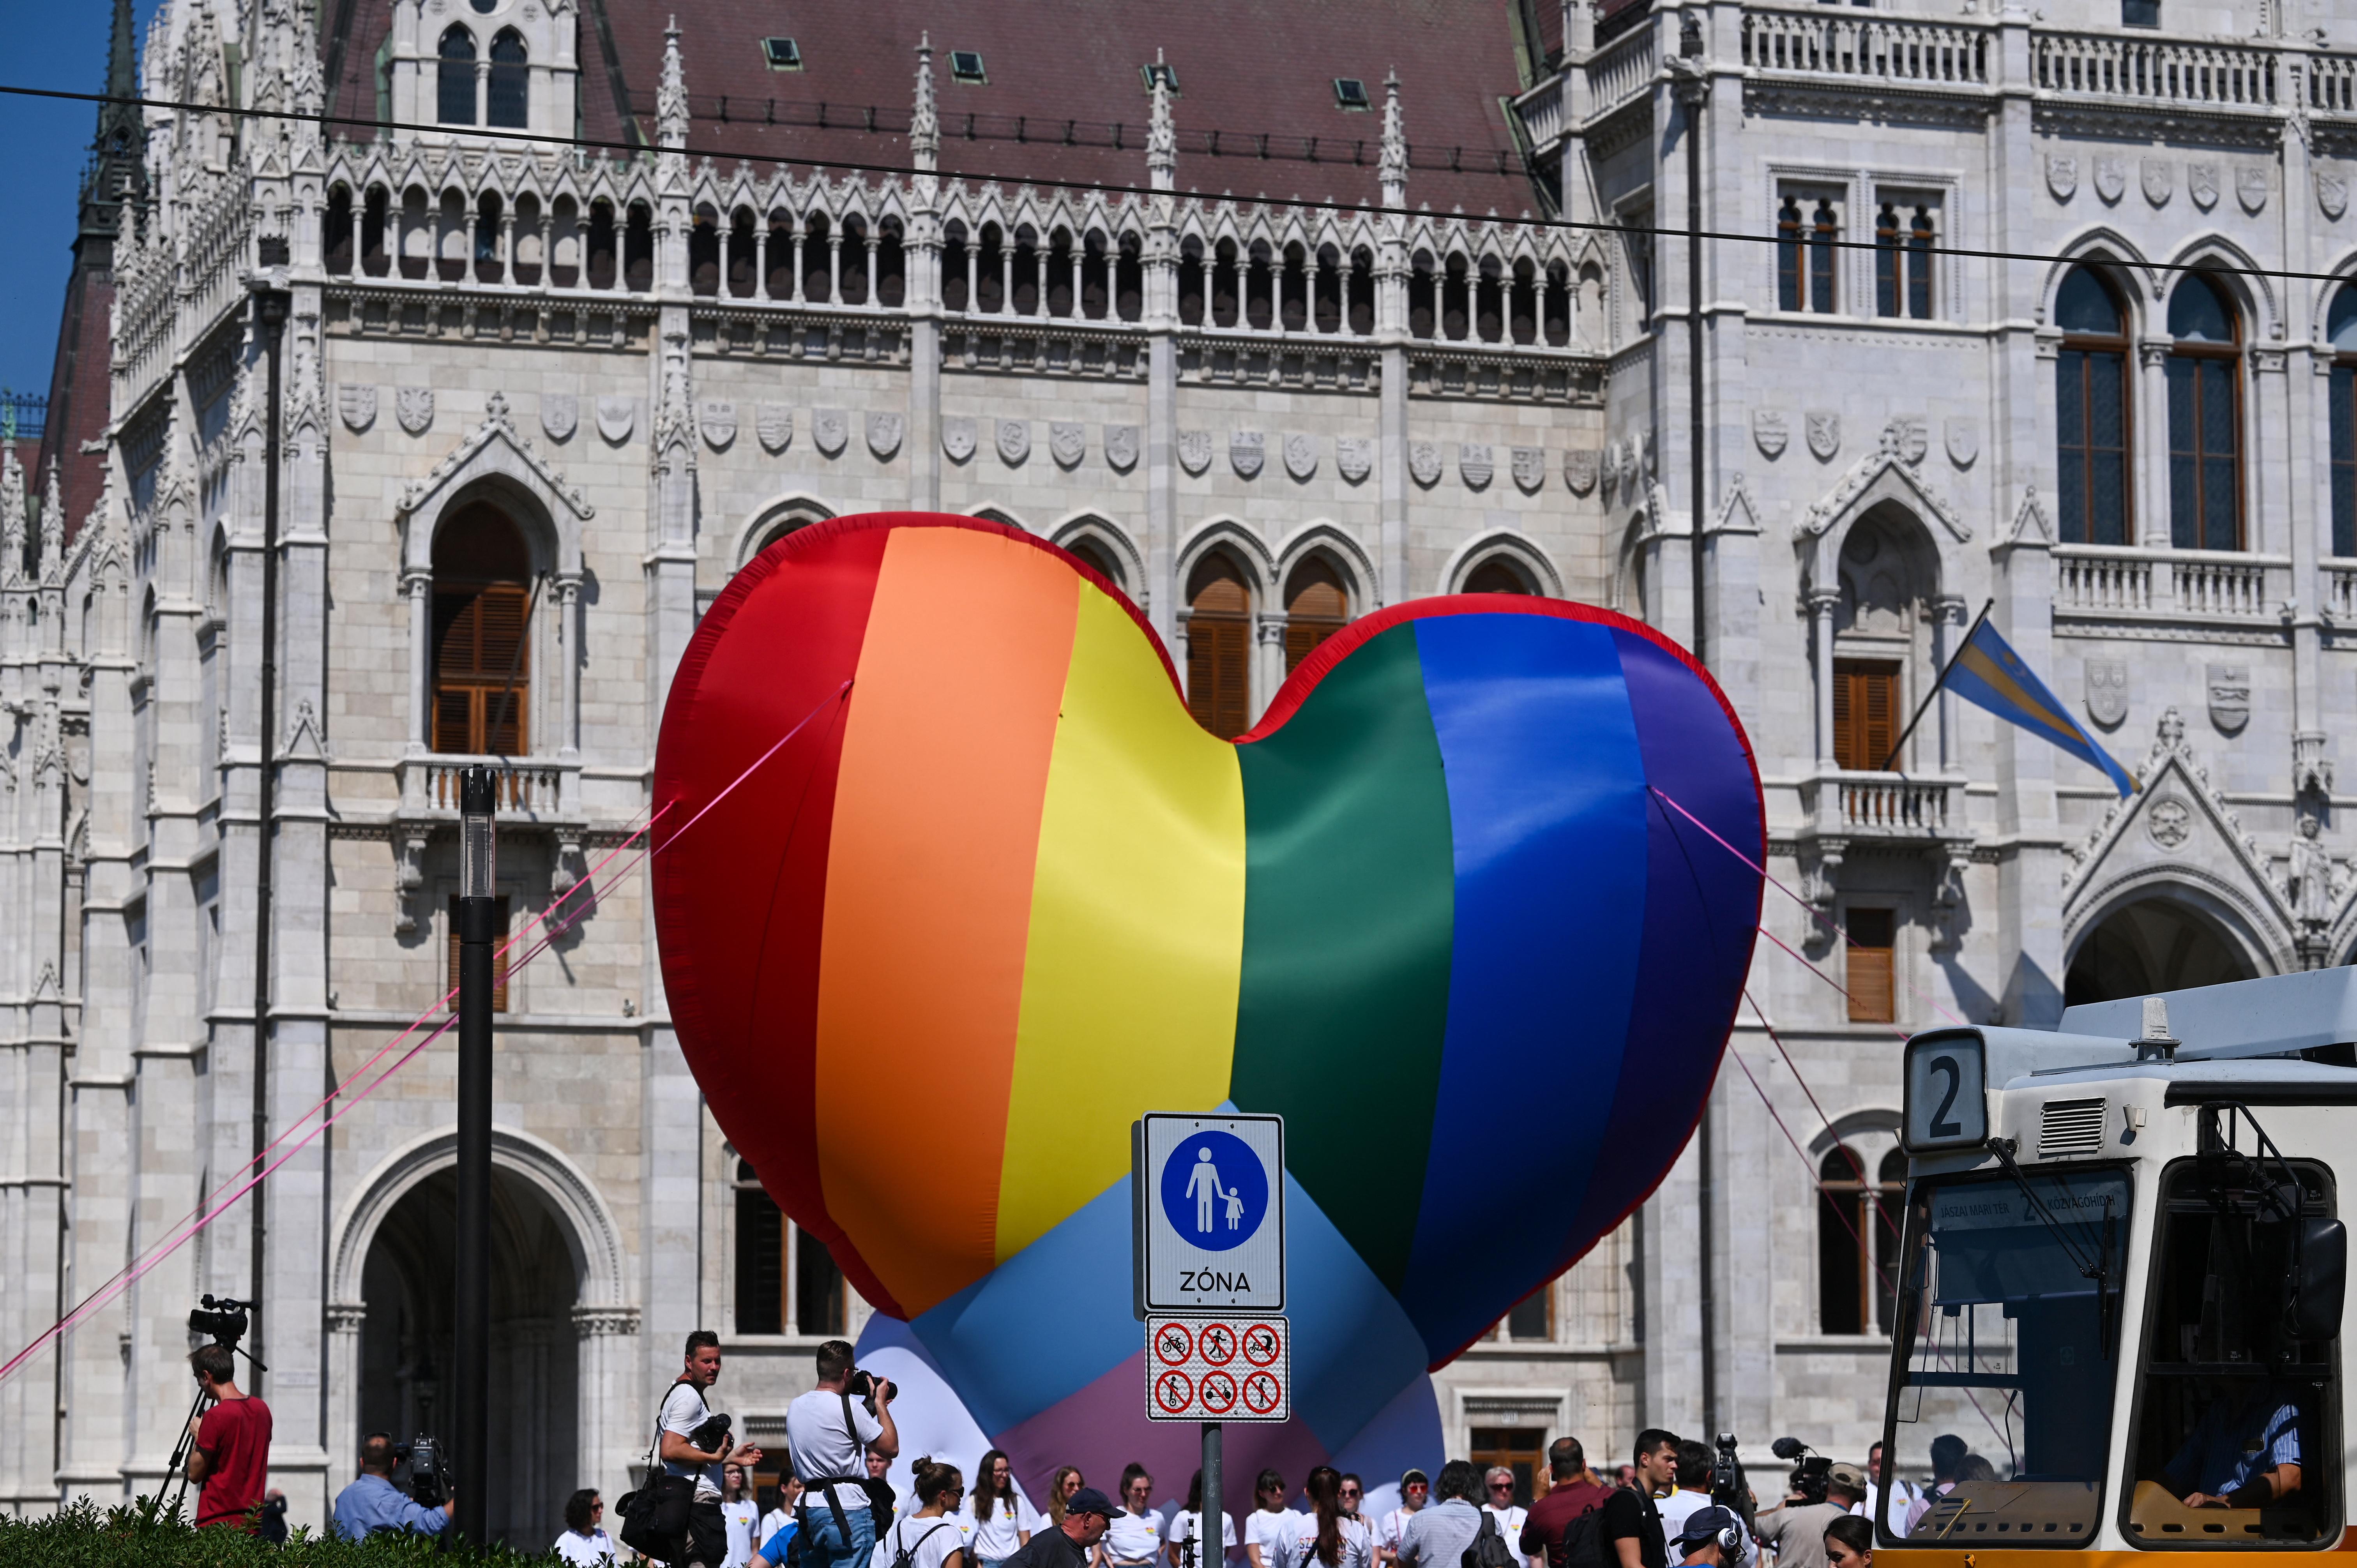 Jogsértési eljárás indult Magyarországgal szemben a homofób módosítókkal teleírt pedofiltörvény miatt